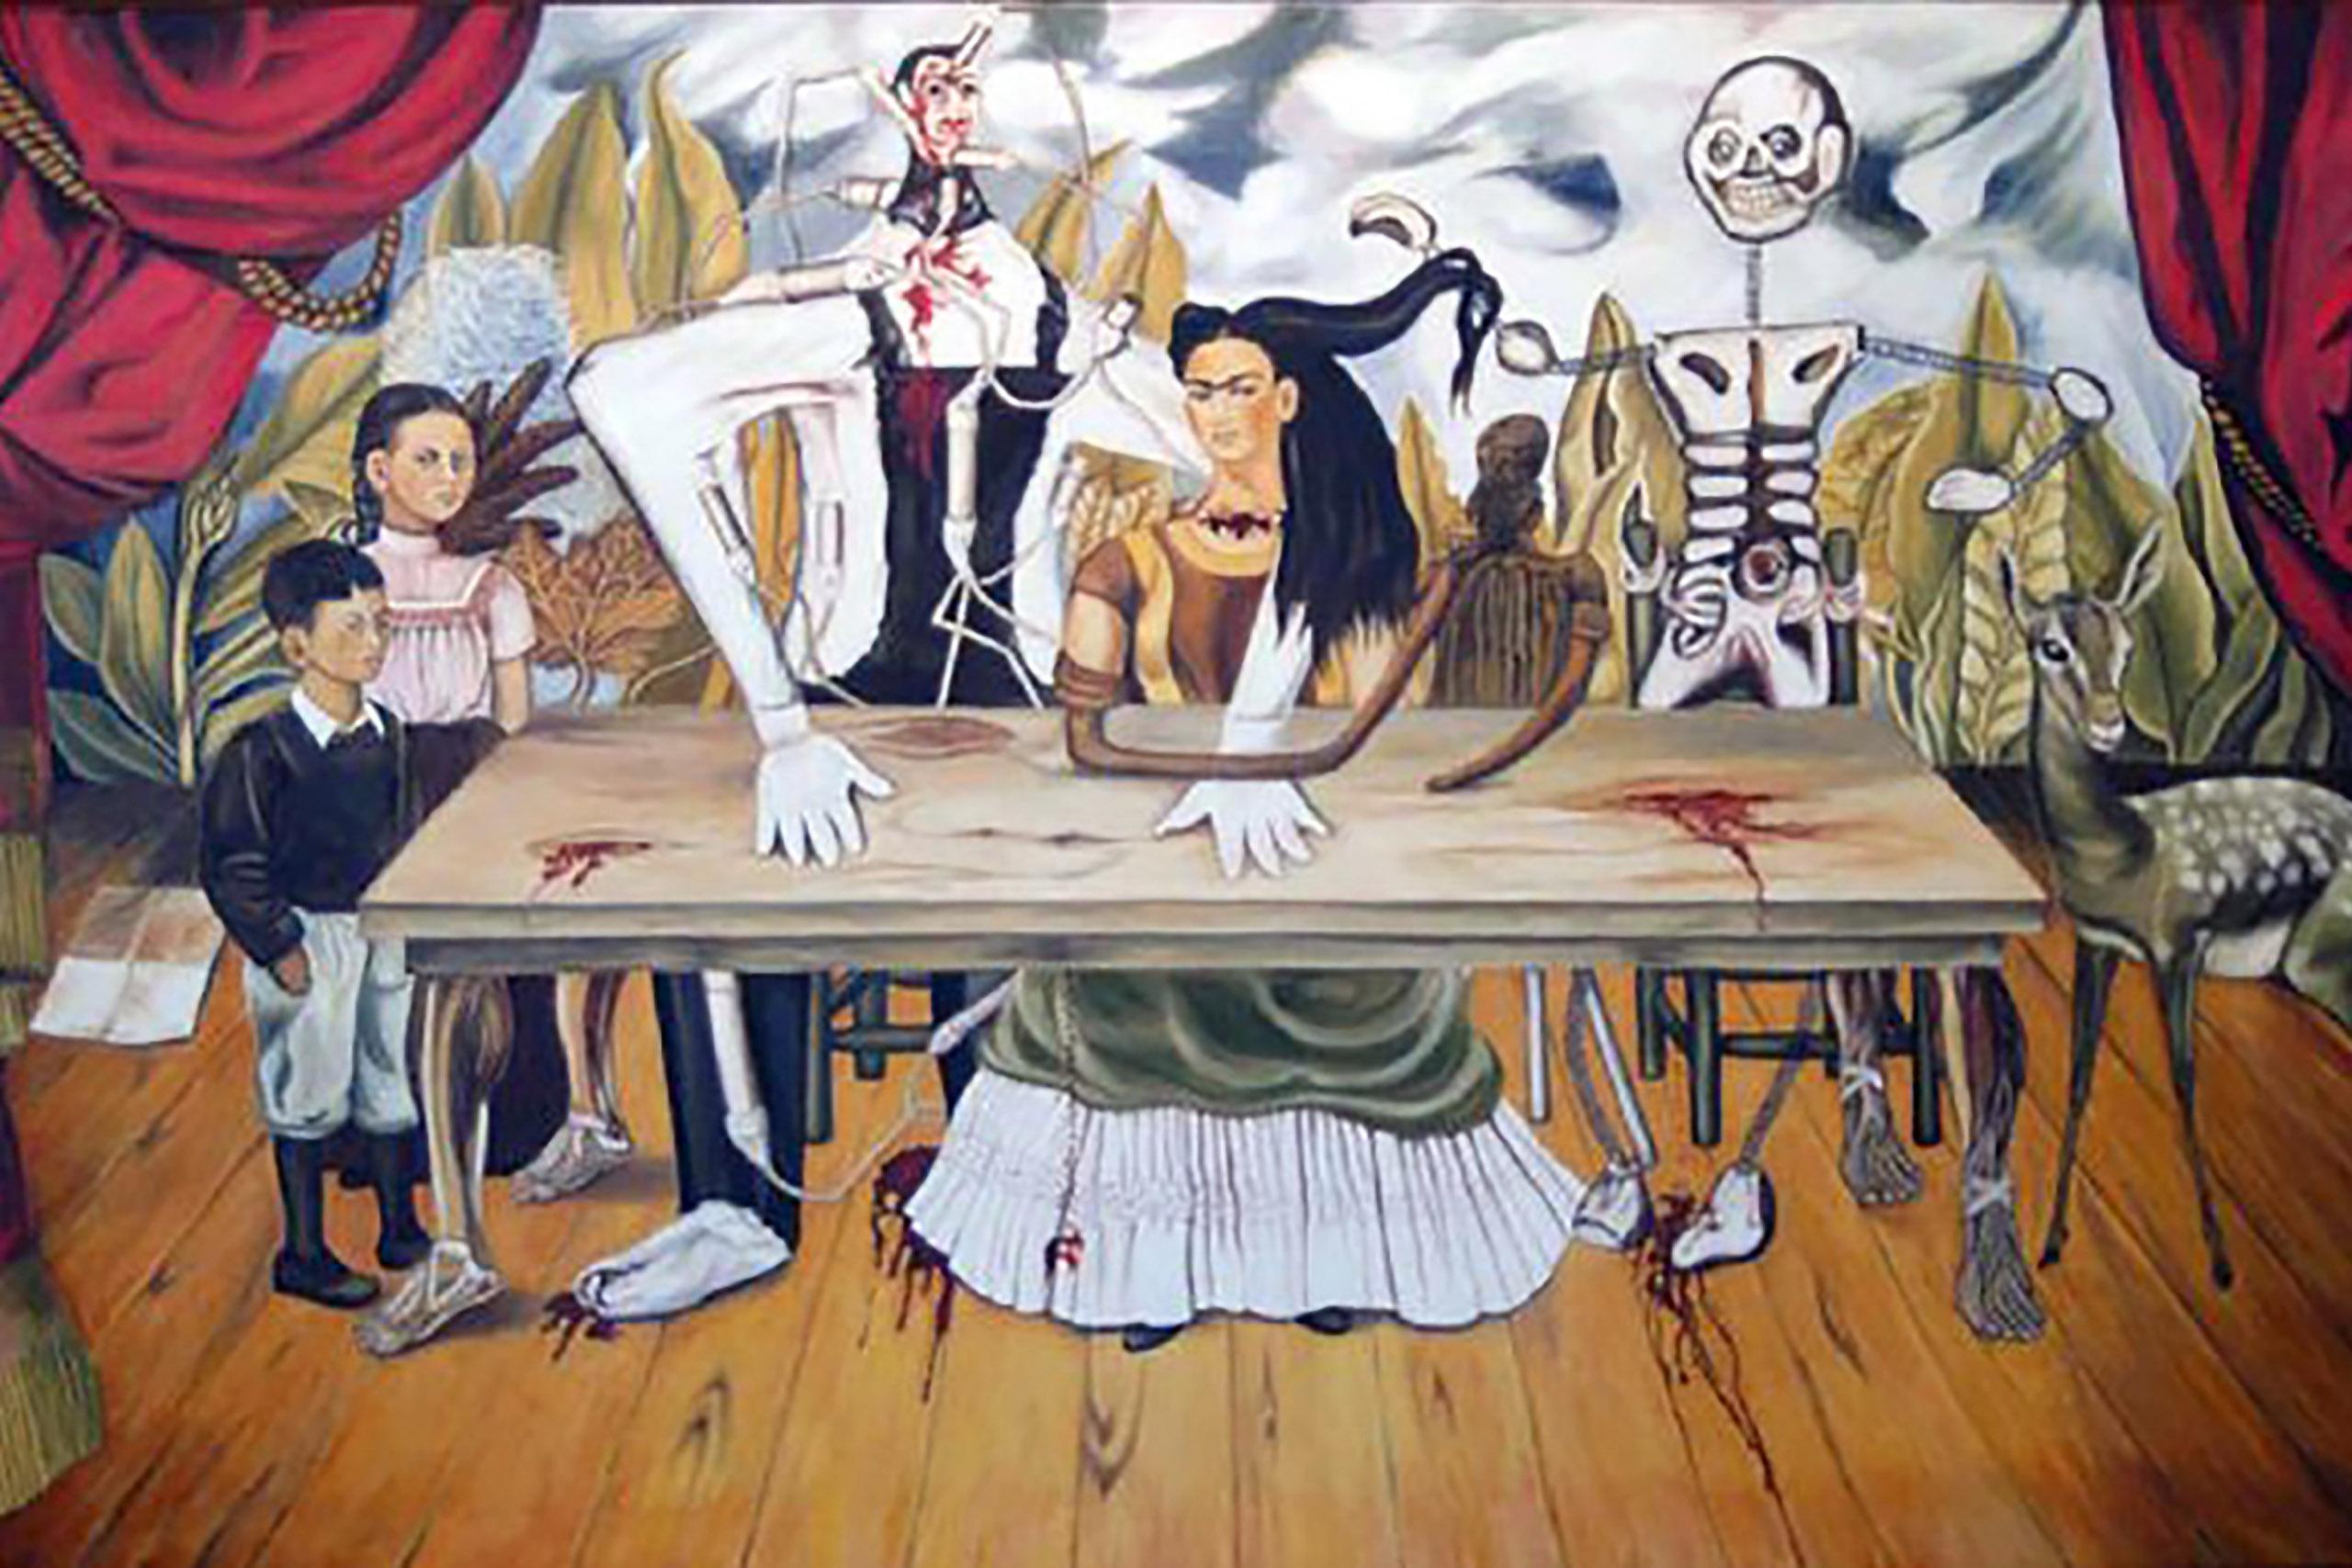 Insolite Recherche Tableau De Frida Kahlo Desesperement La Prensa Francesa